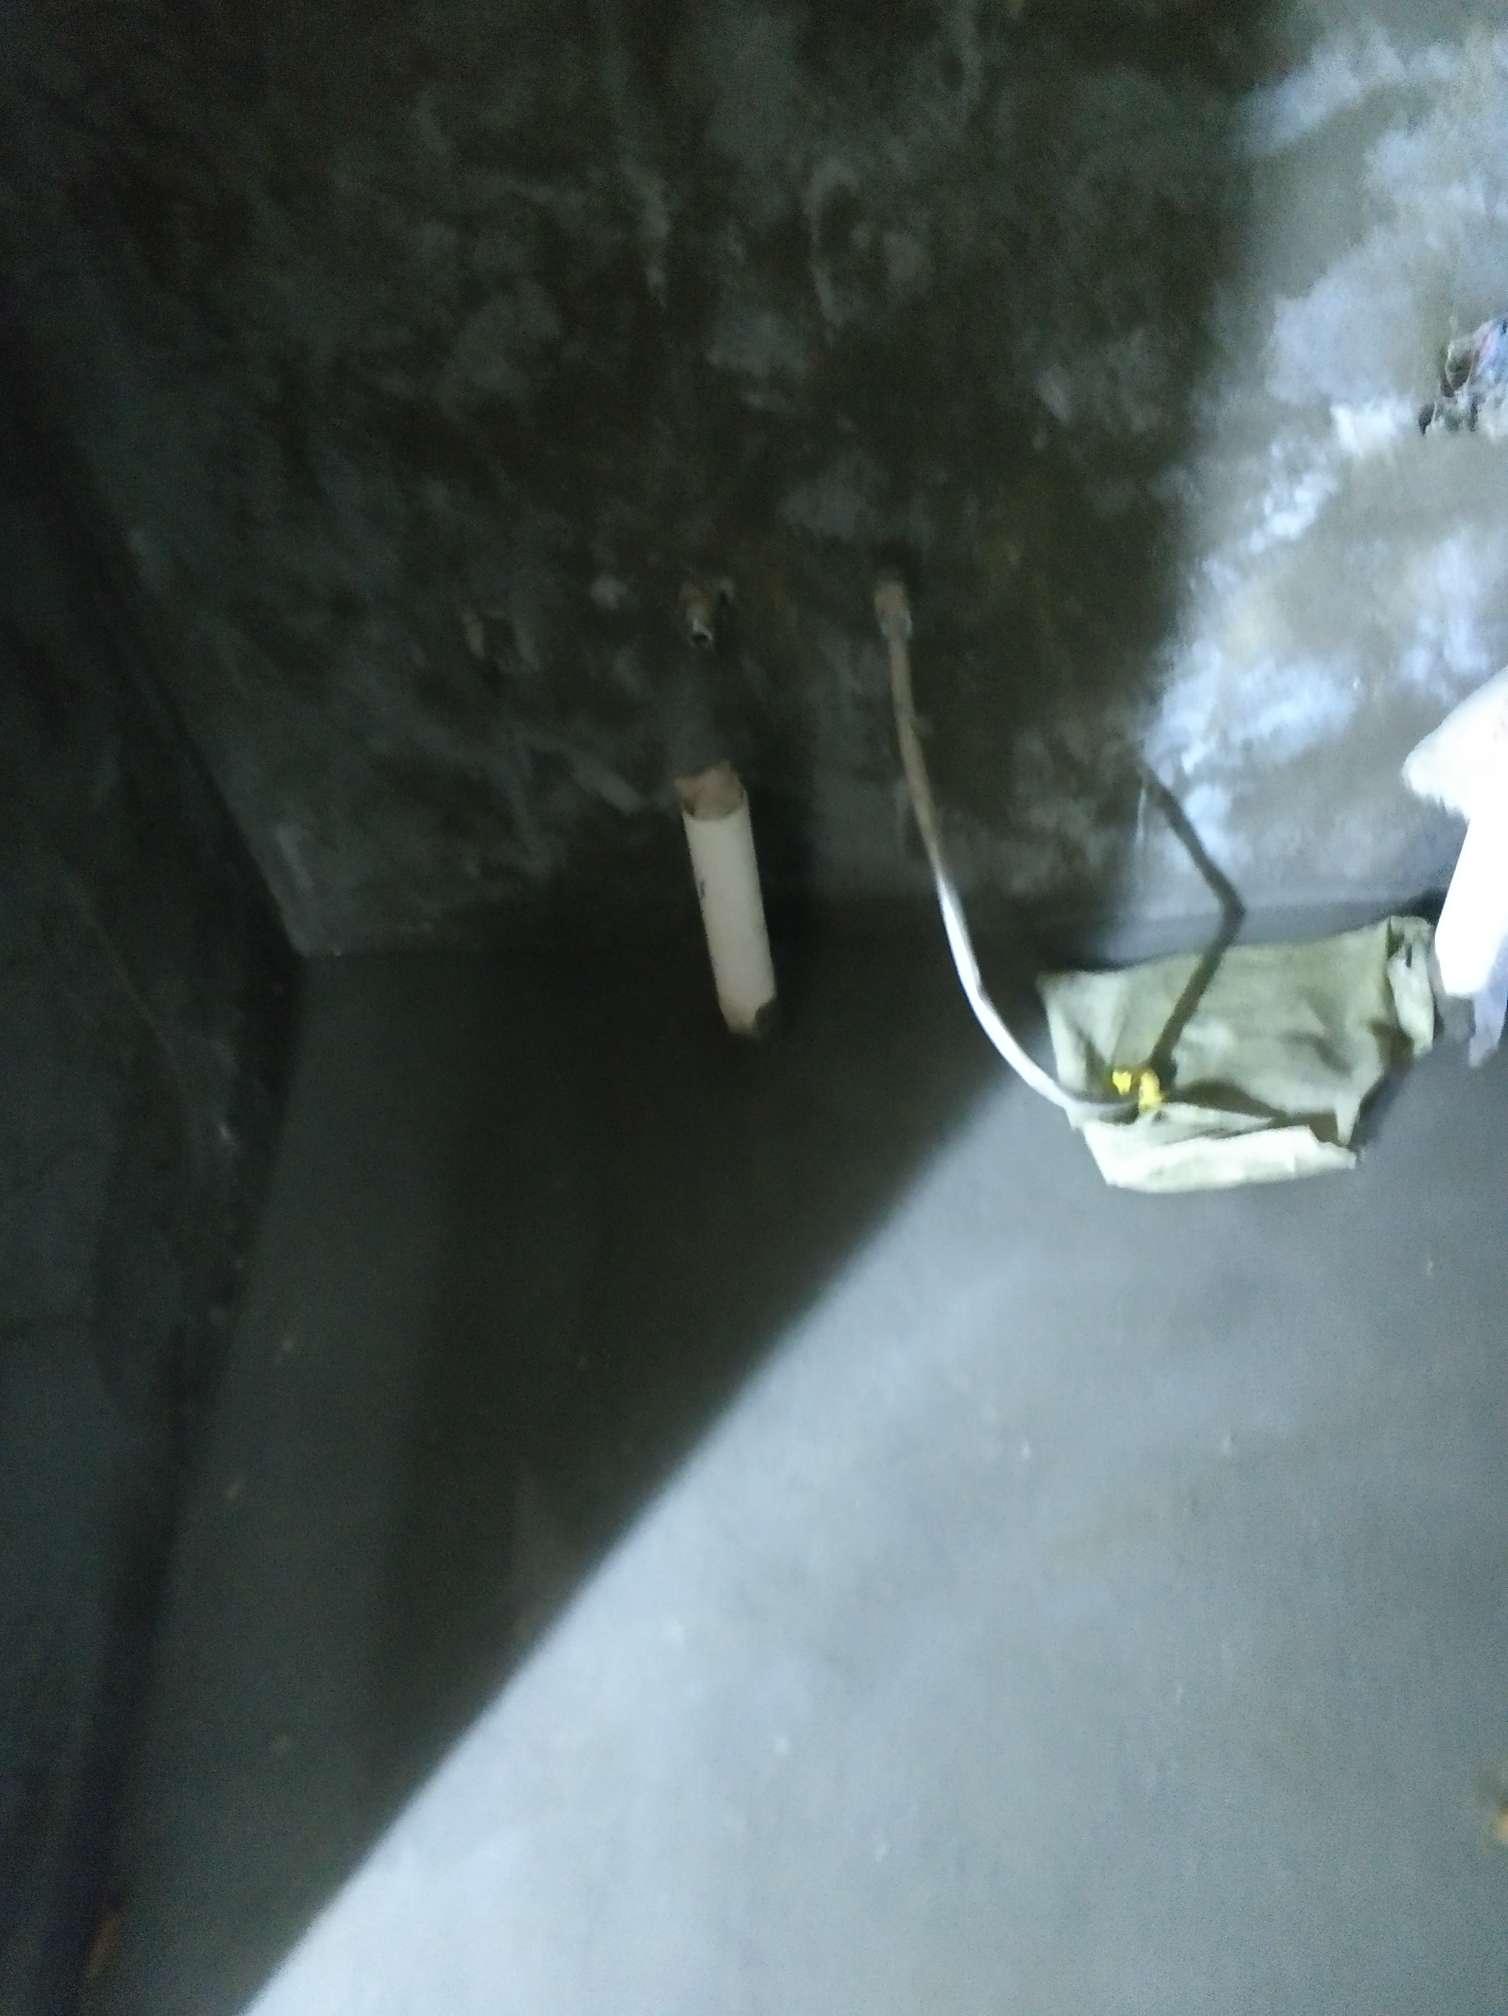 北京兴化西里-闭水试验验收-2018-11-07